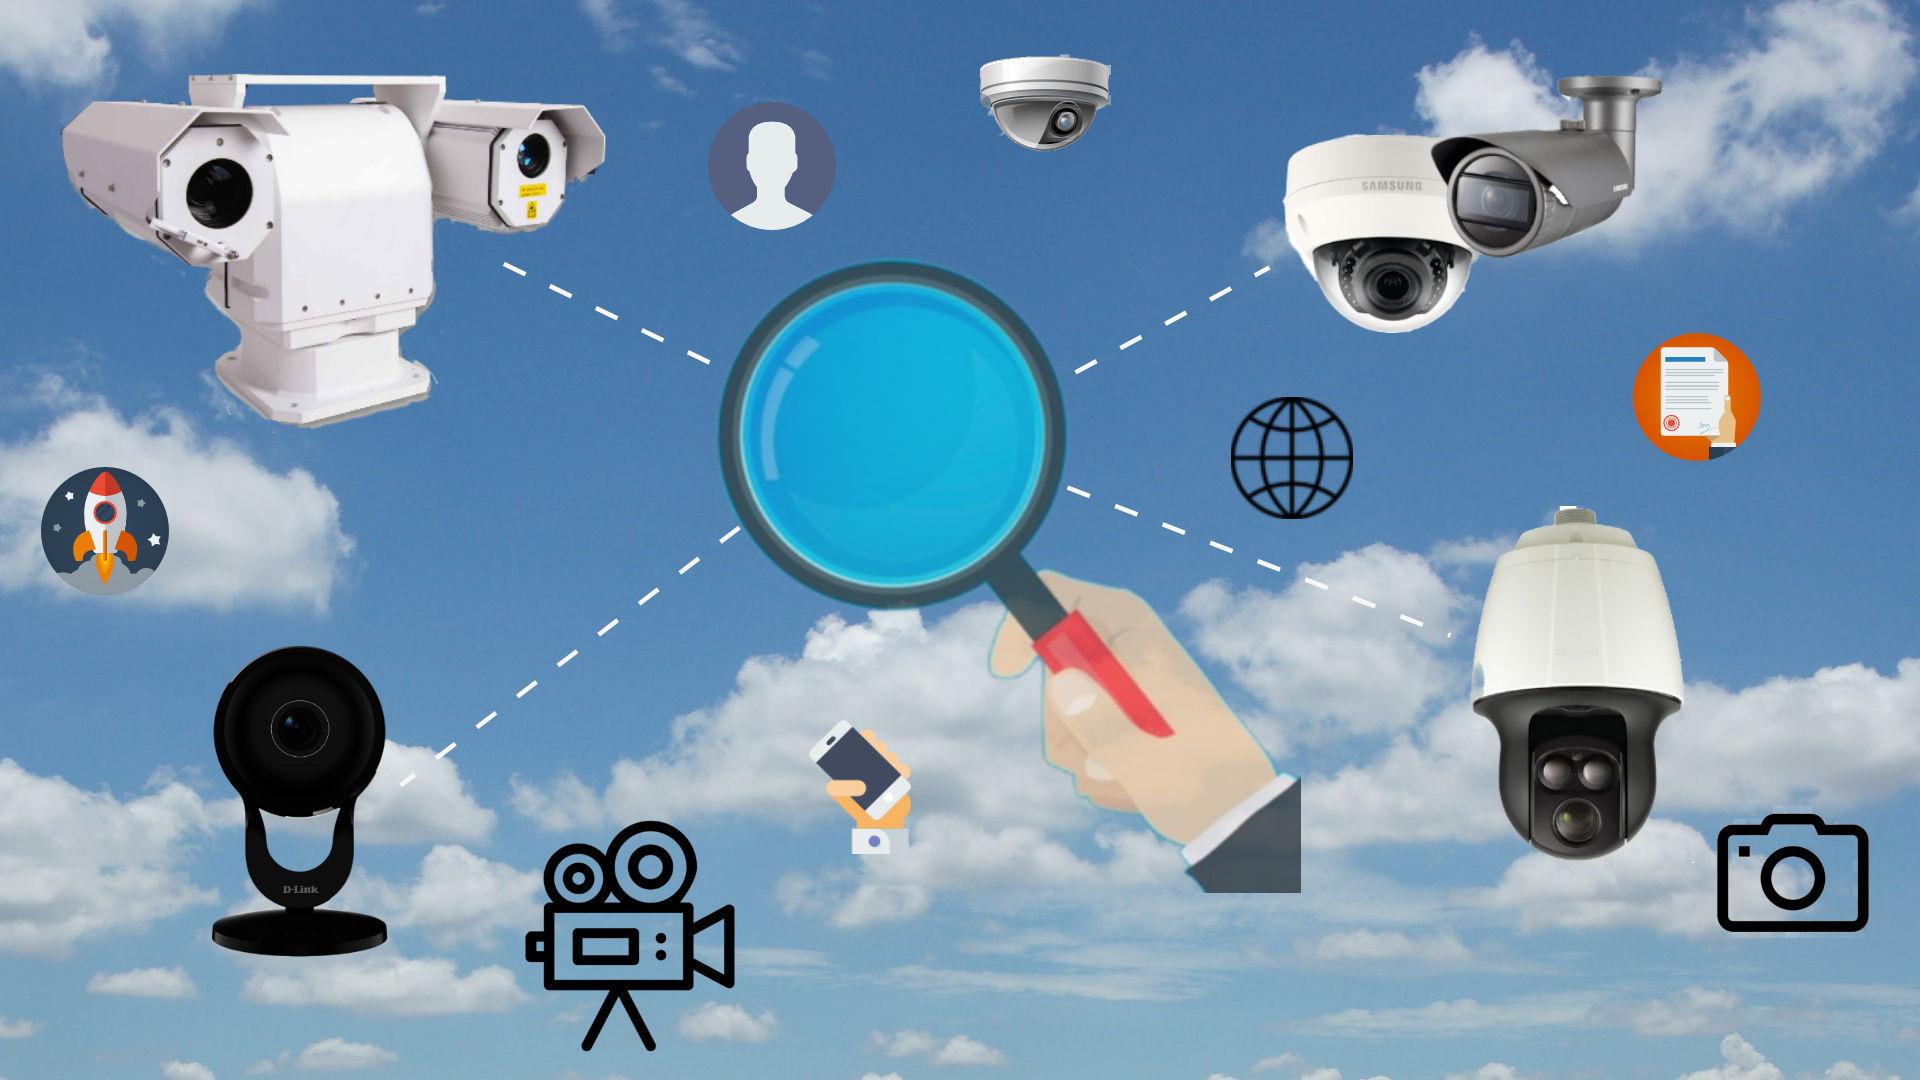 Quais os principais benefícios das câmeras IP?